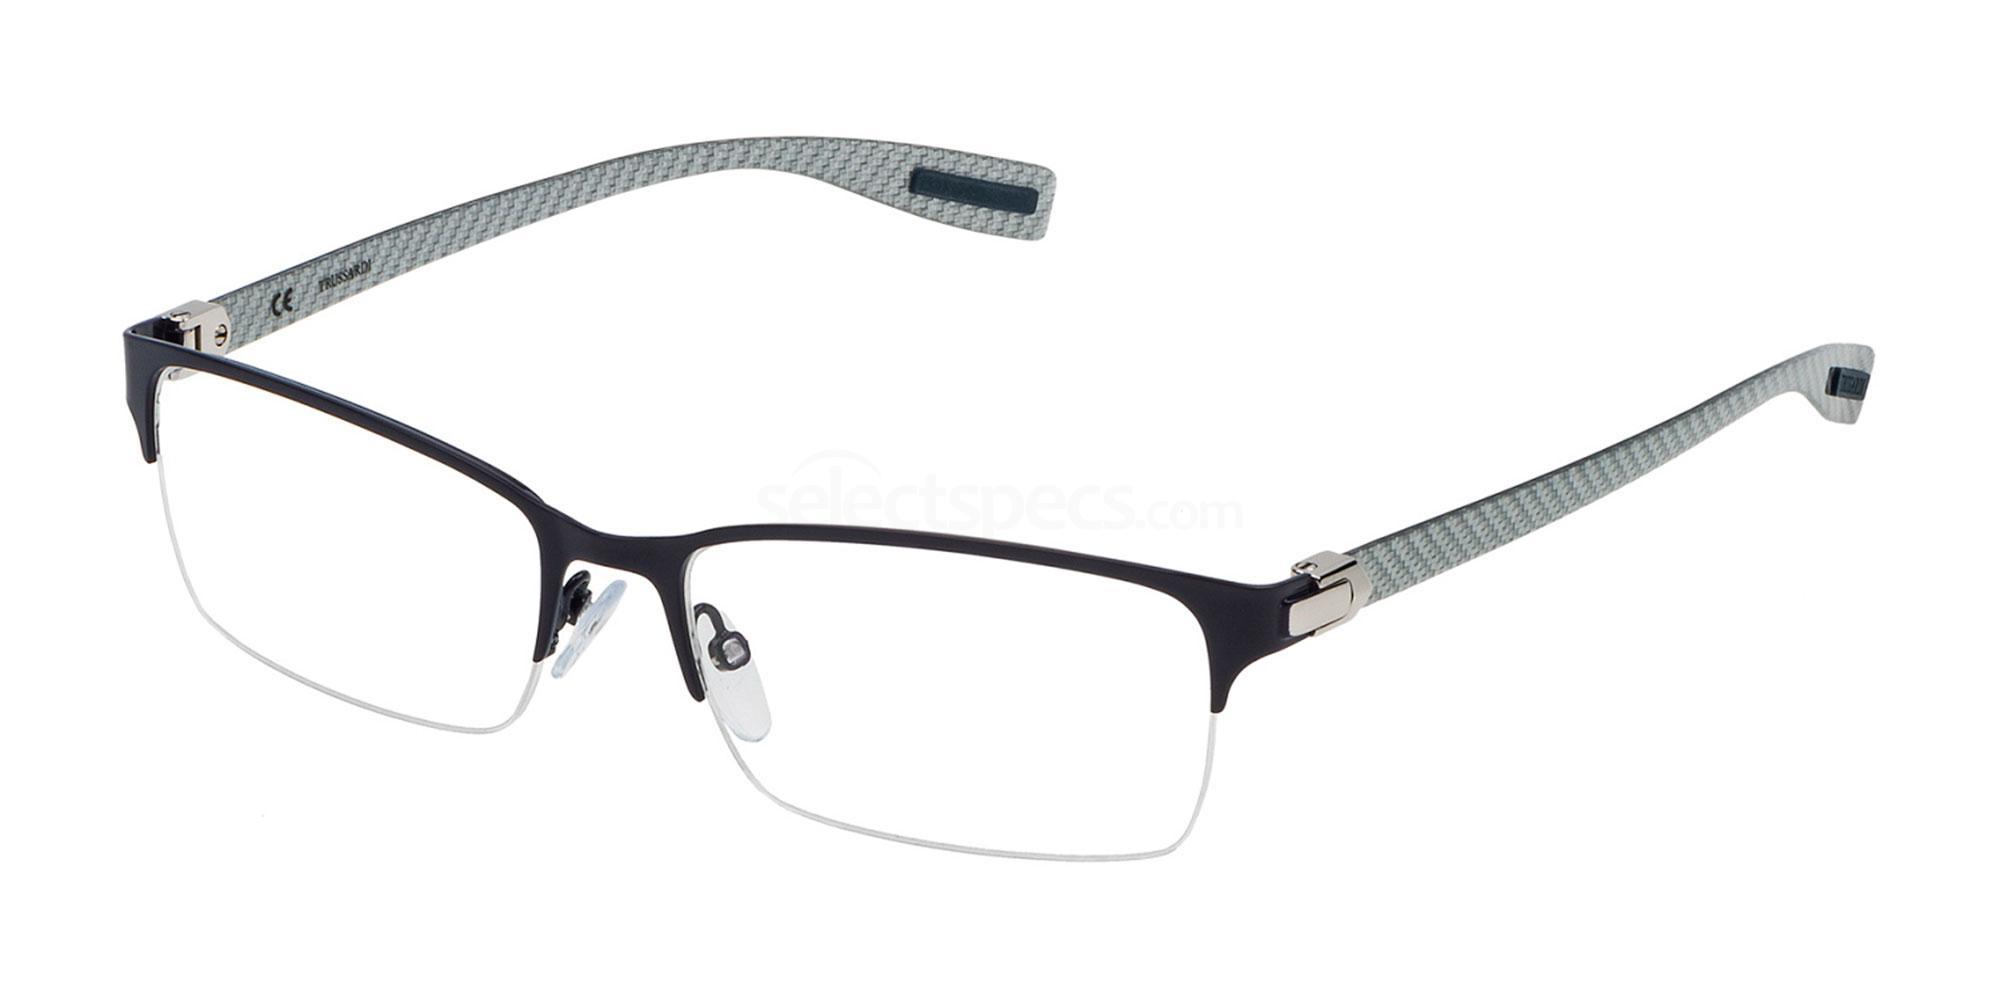 0SL5 VTR196 Glasses, Trussardi